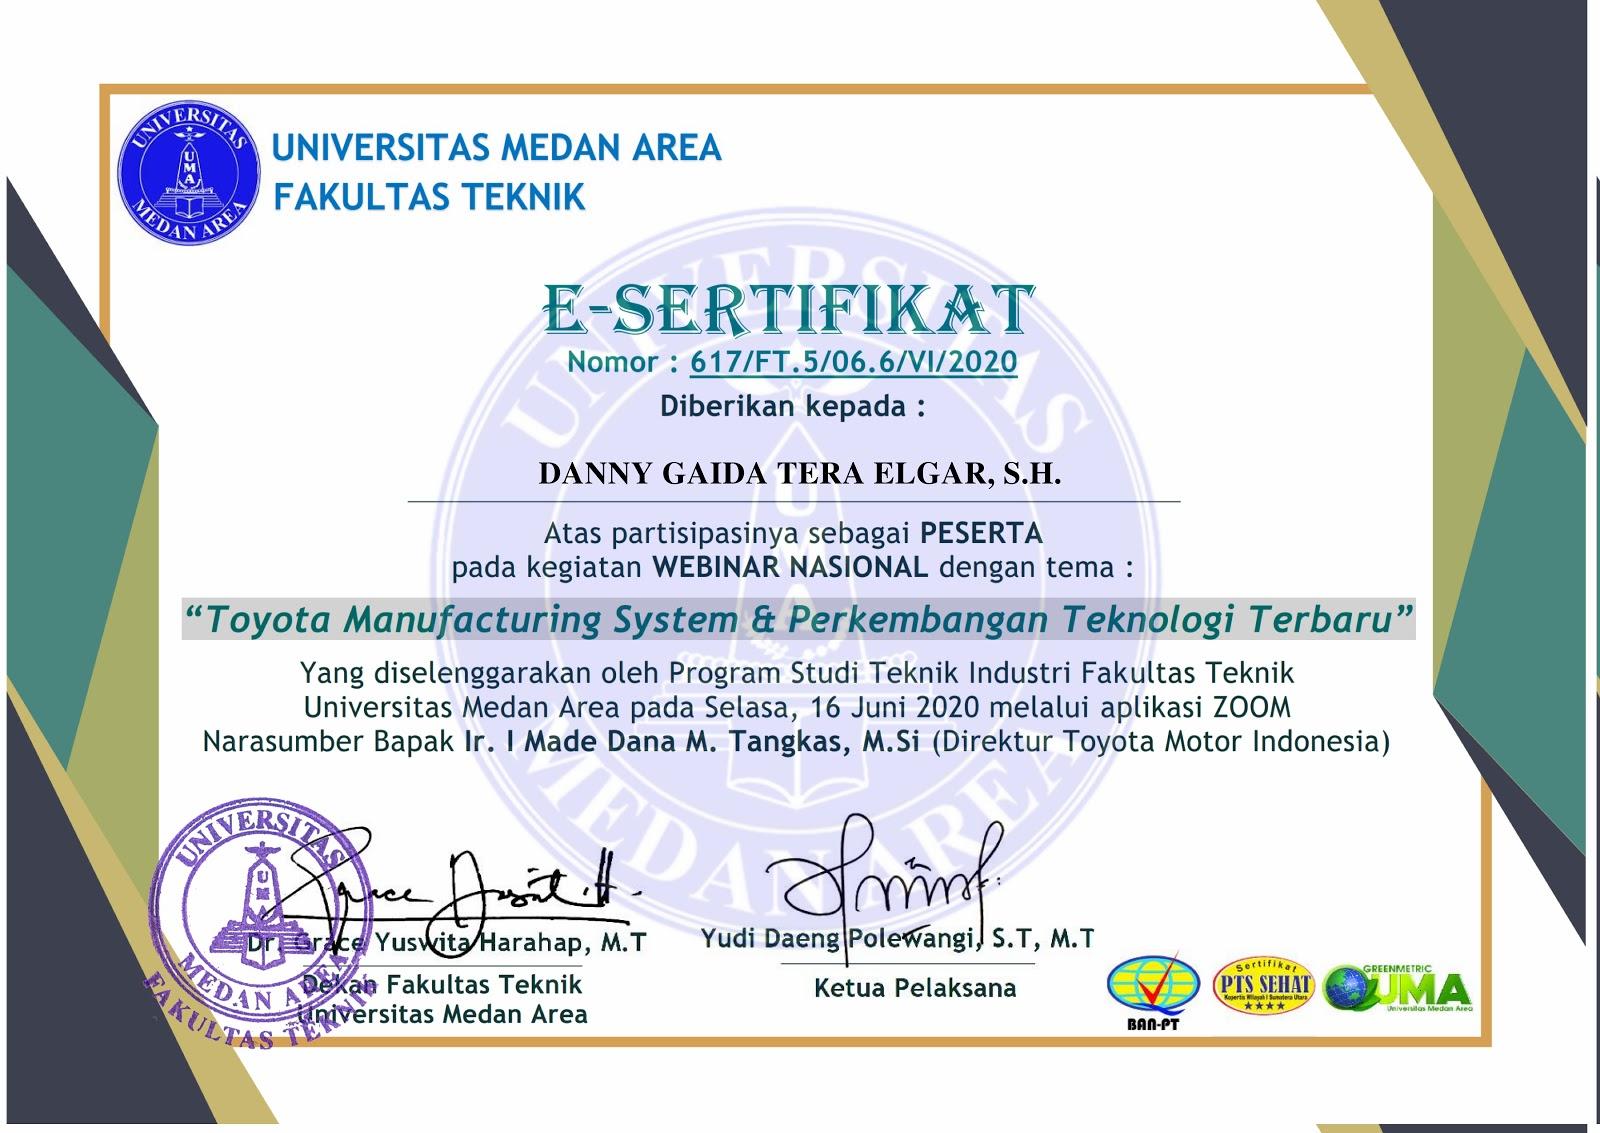 E-Sertifikat Toyota Manufacturing System & Perkembangan Teknologi Terbaru | Fakultas Teknik Universitas Medan Area (UMA) | Selasa, 16 Juni 2020